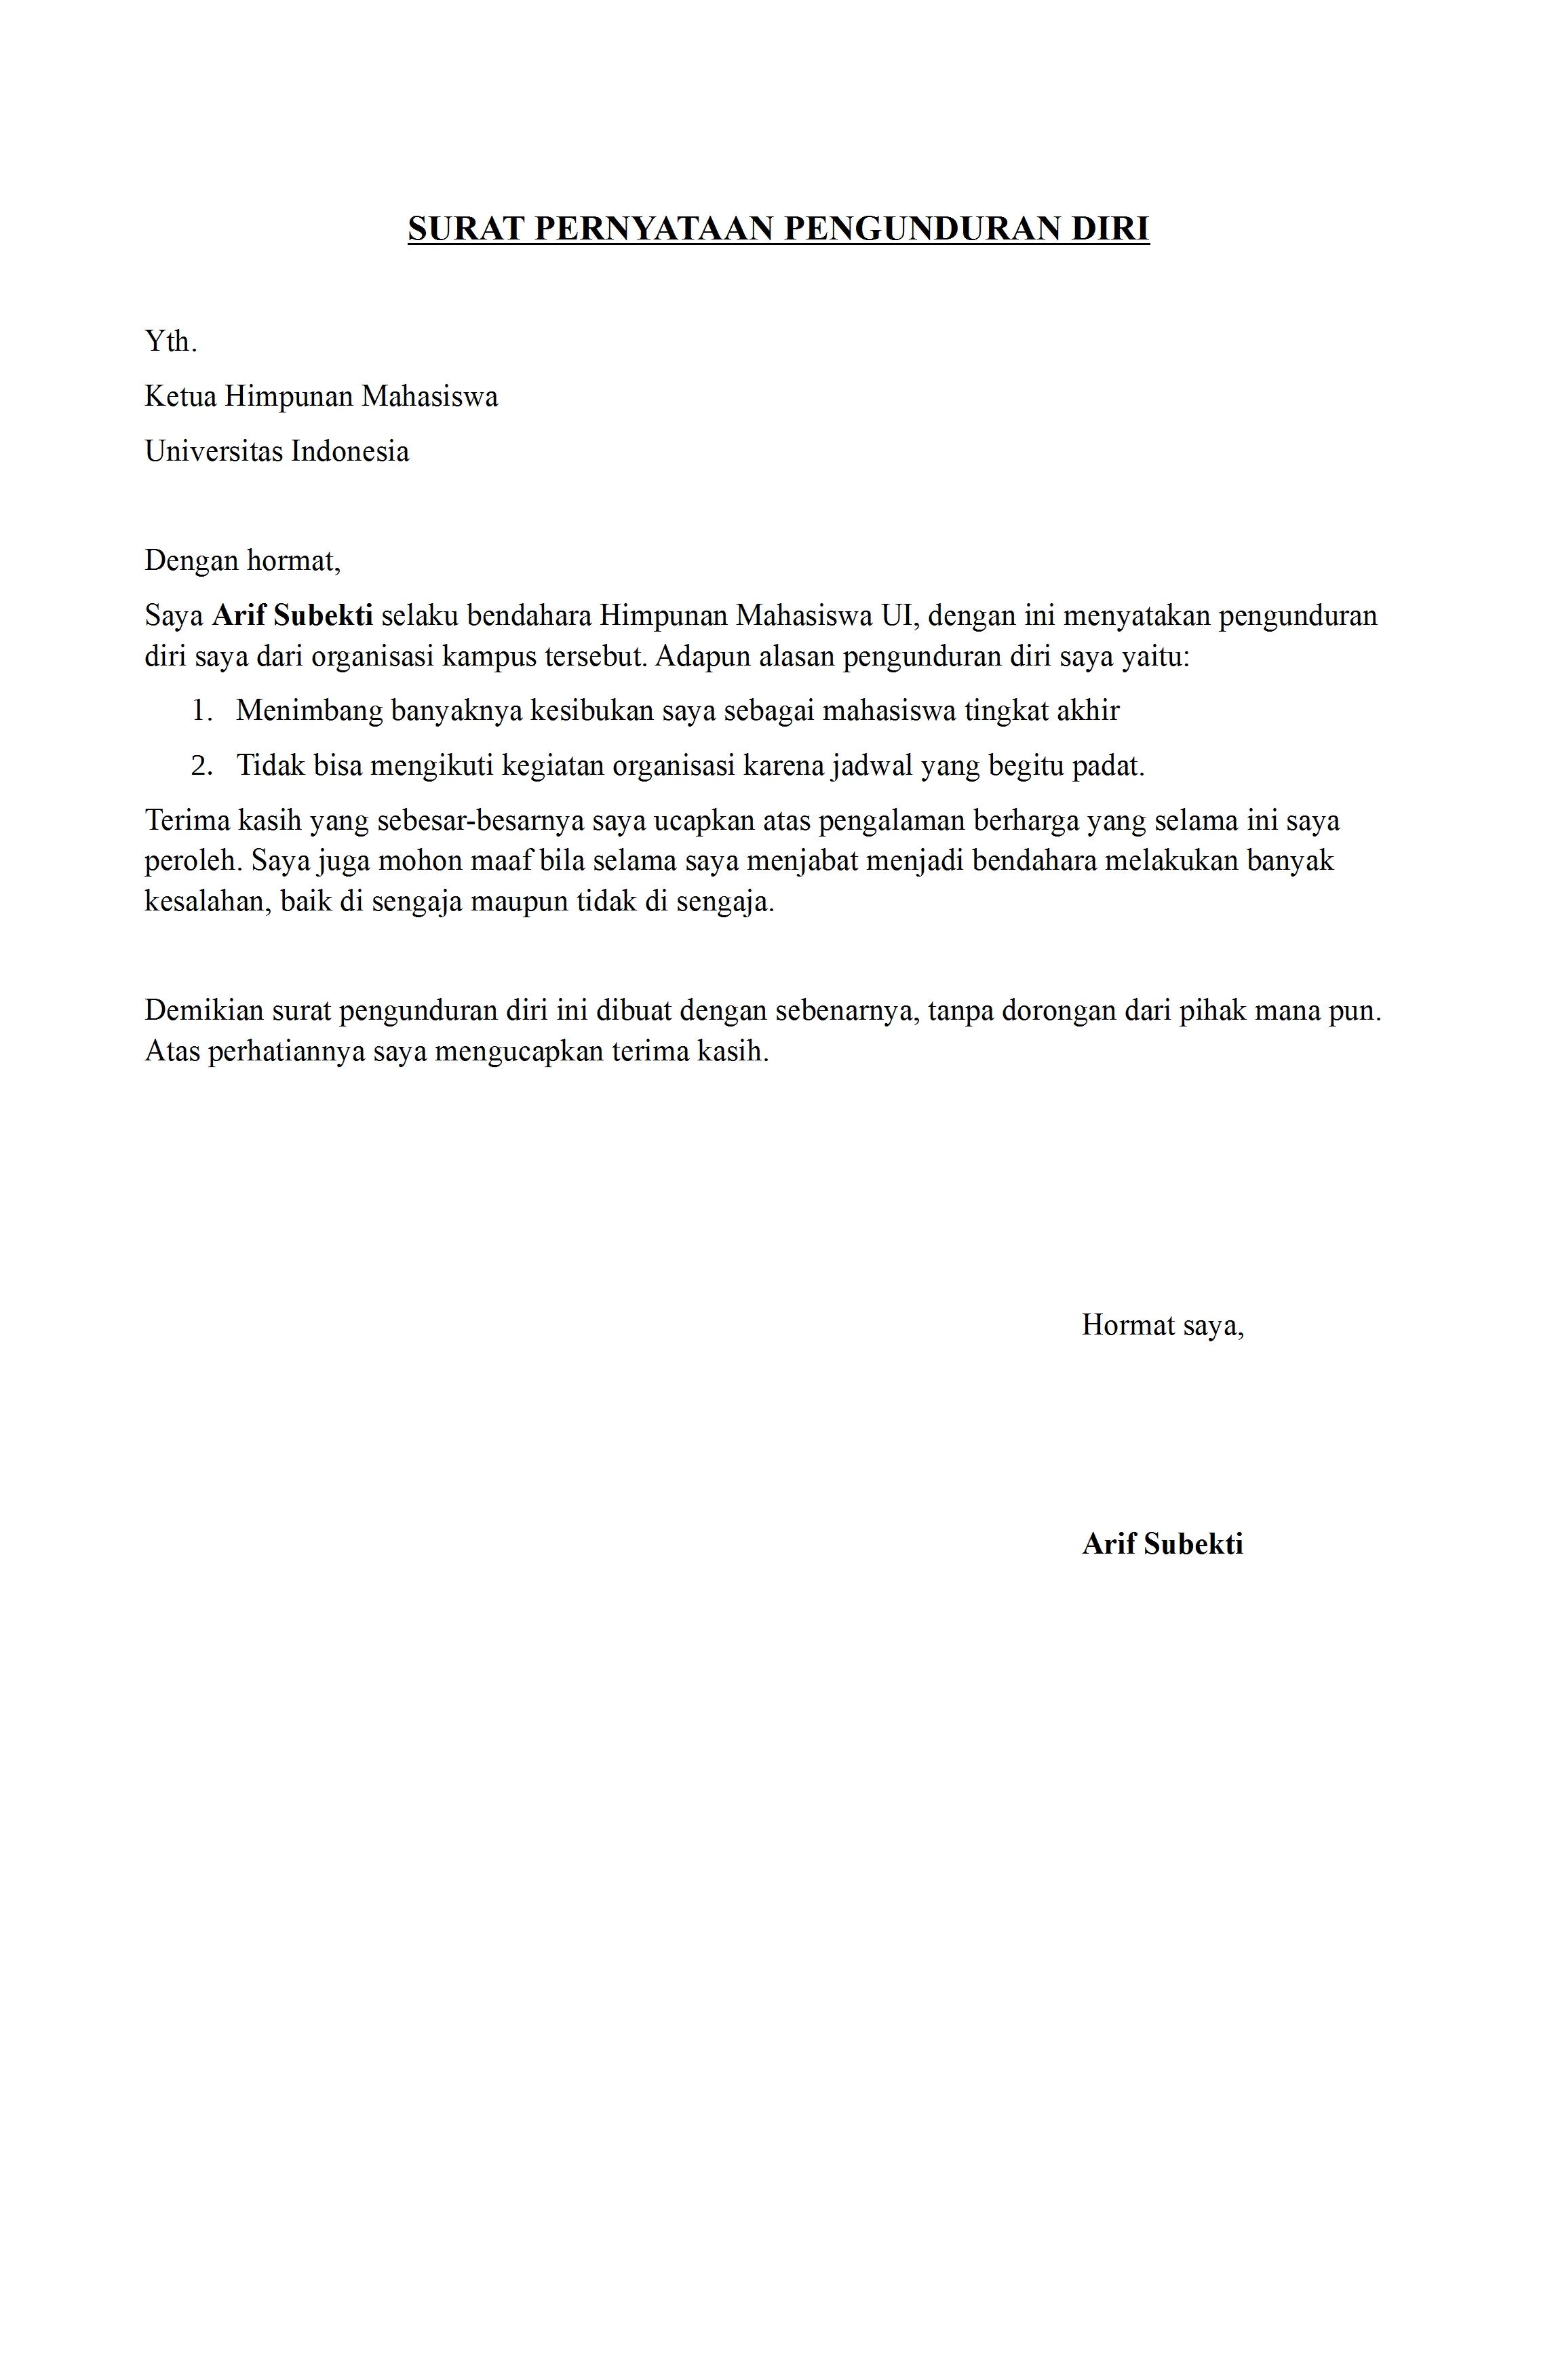 43+ Contoh surat pengunduran diri ormas terbaru terbaik